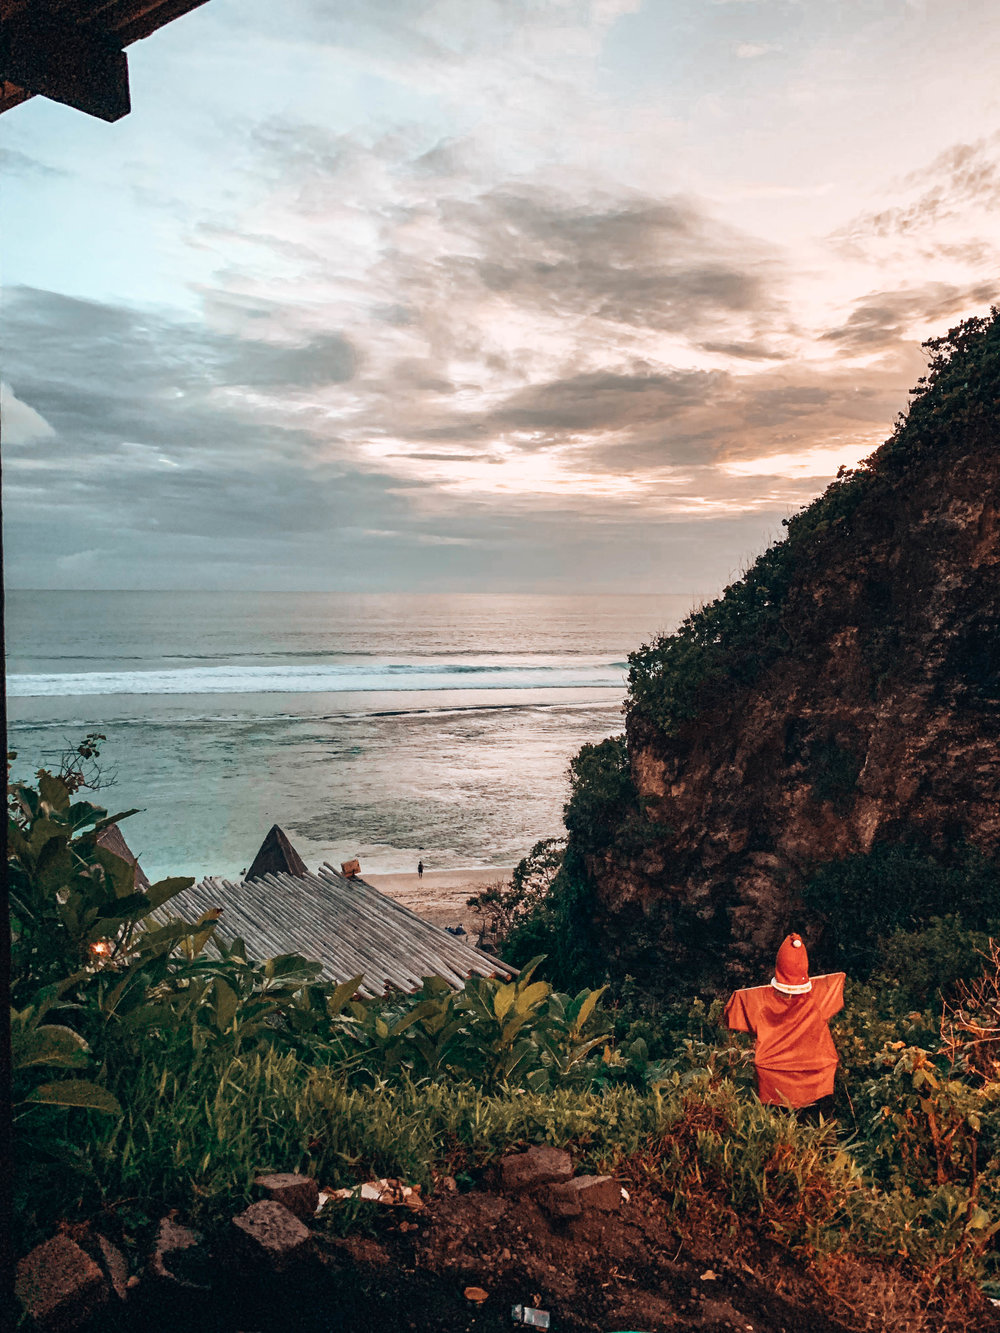 BALI _ ULUWATU - 10 places you must visit